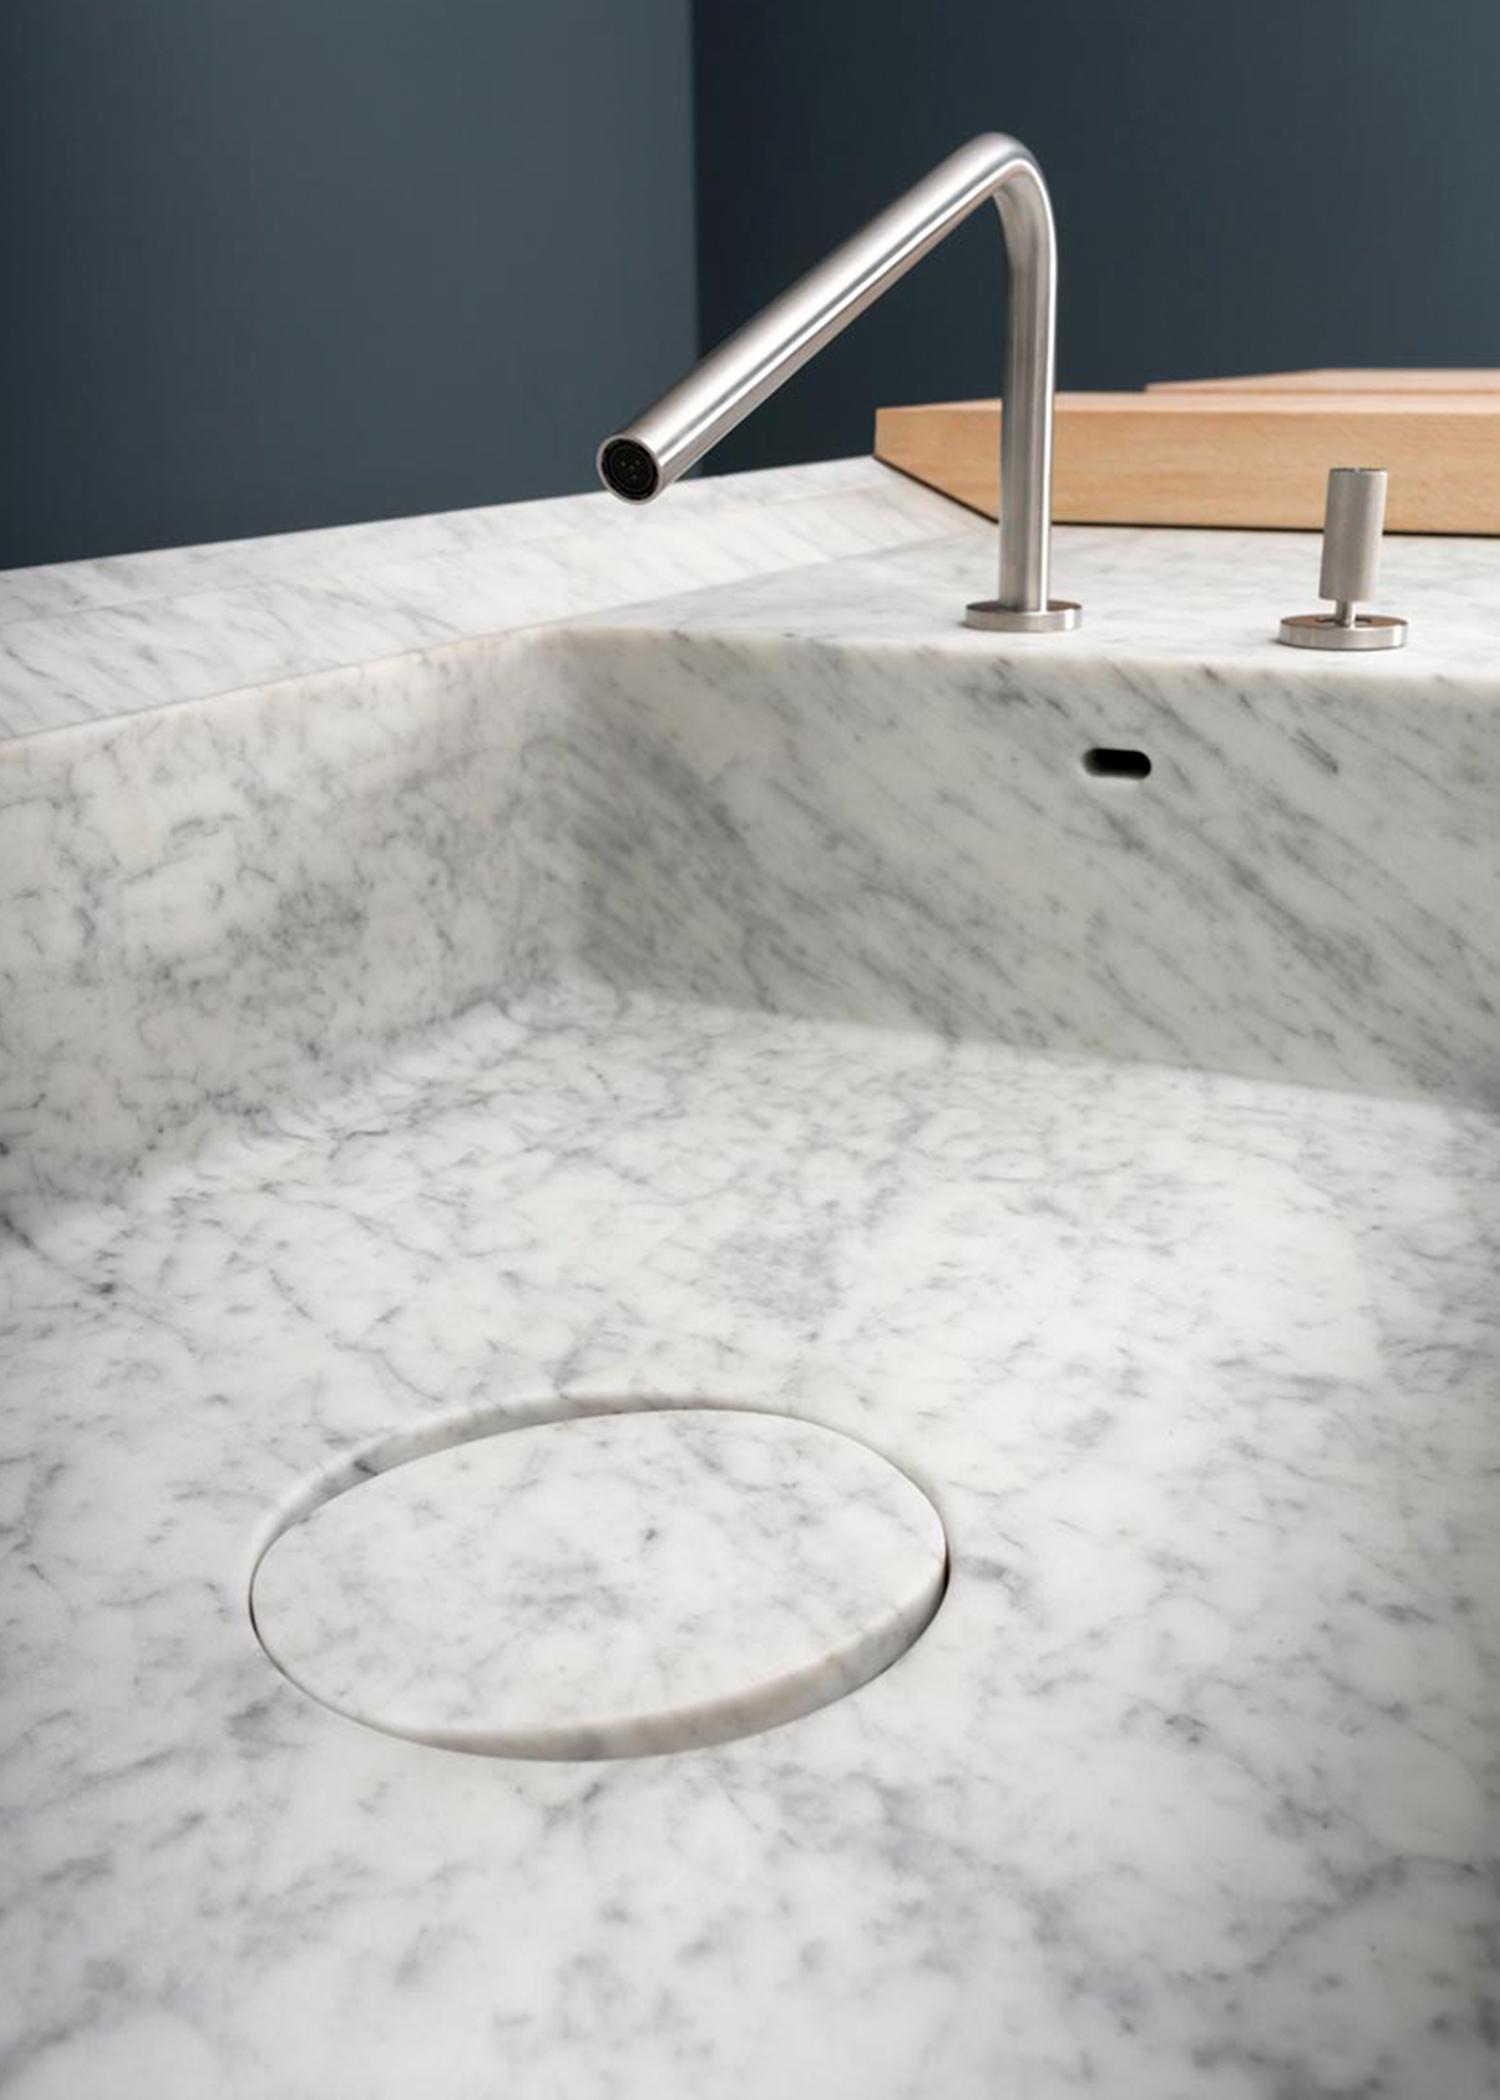 Elementi-Vaselli-Impluvium-Carrara-7.jpg